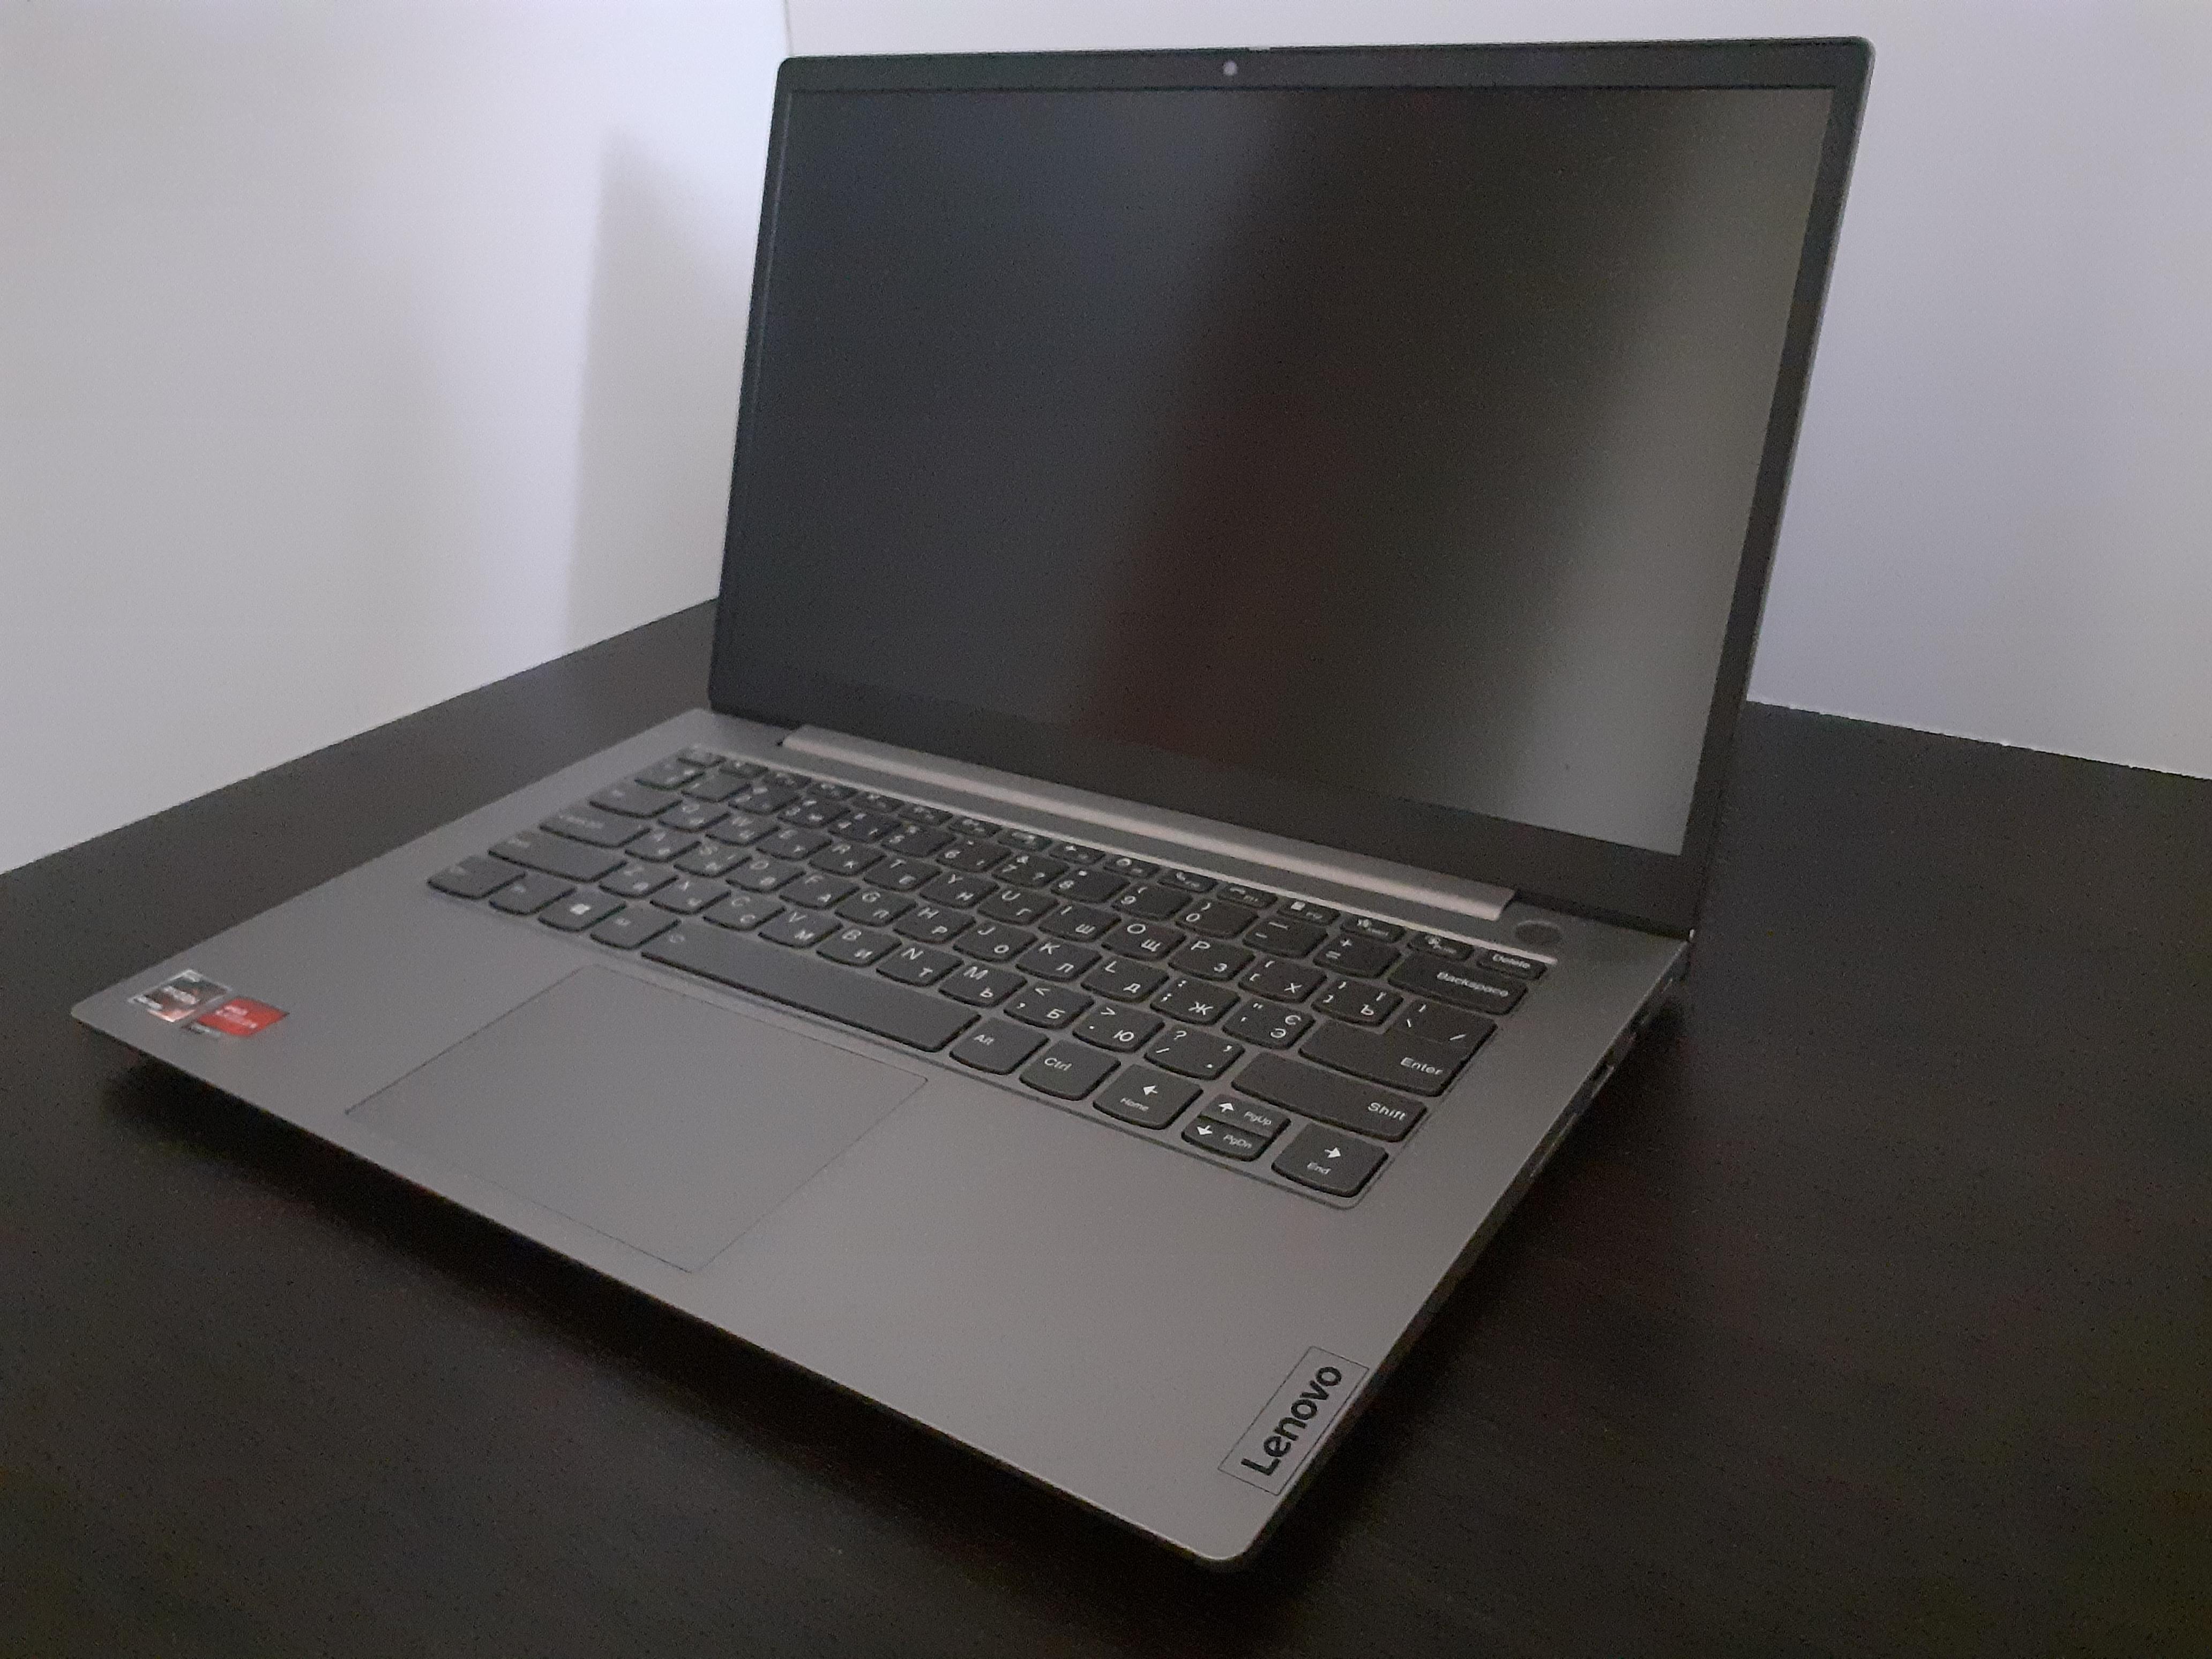 Бізнес-ноутбук Lenovo з лаконічним дизайном. Огляд ThinkBook 14 G2 ARE